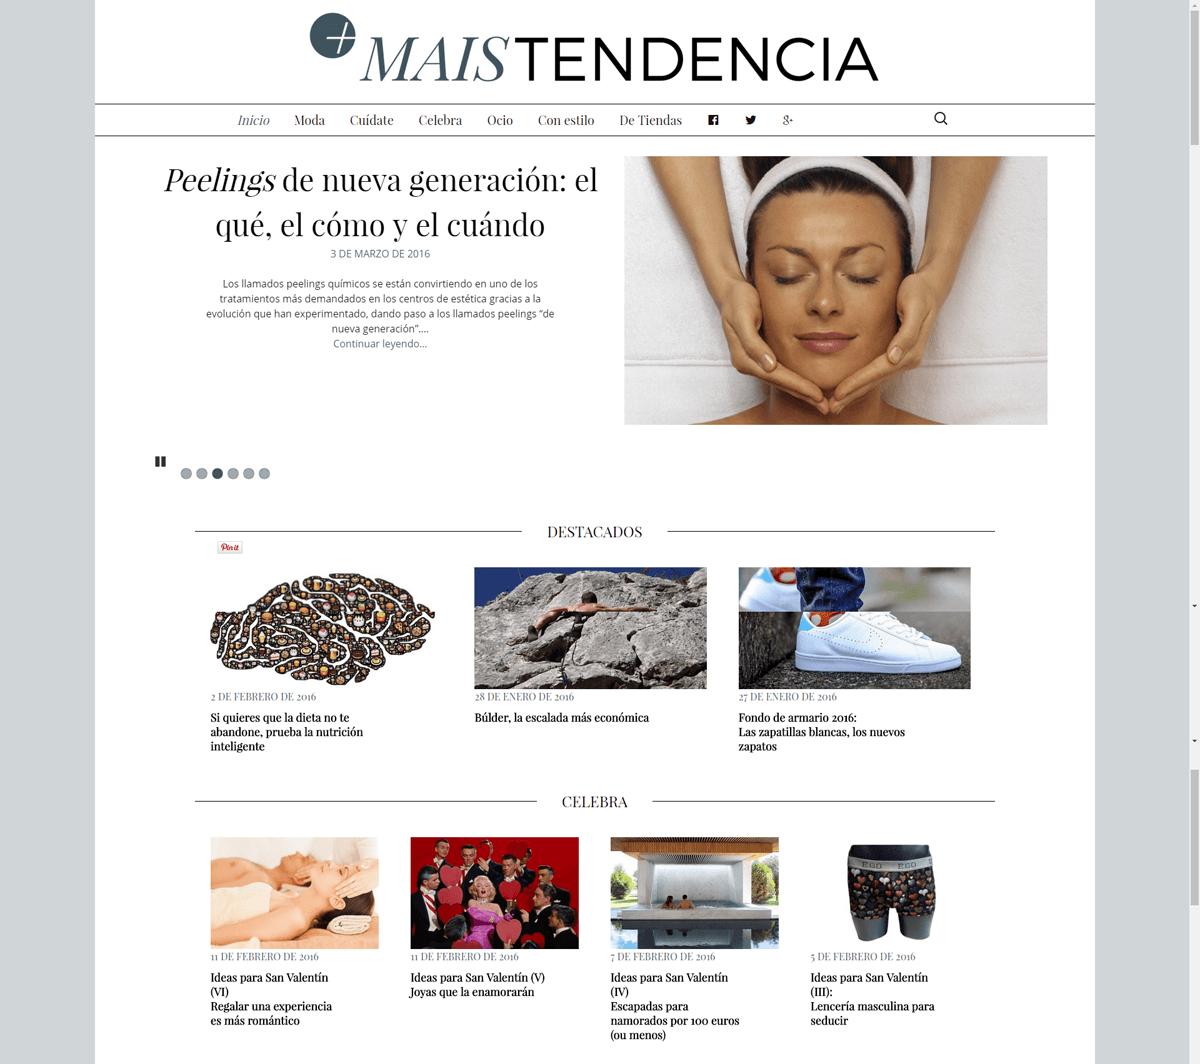 CCA Ourense Centro crea MAISTENDENCIA, un blog plurisectorial de moda y tendencias en Ourense